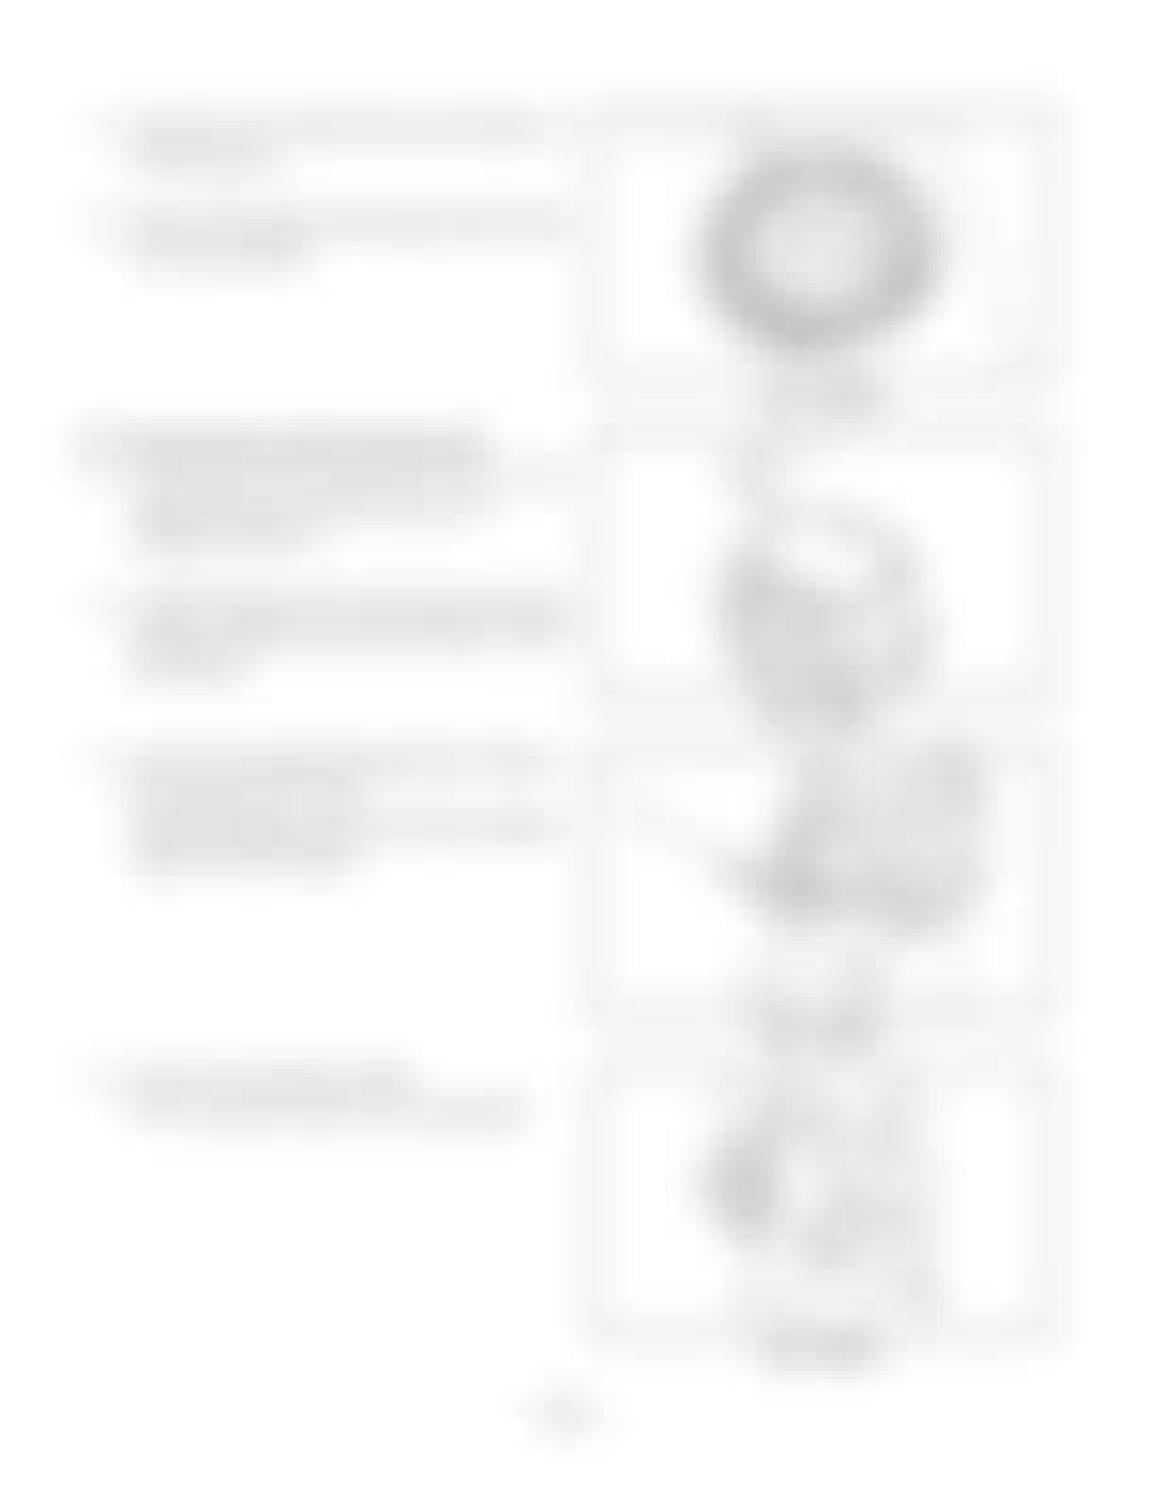 Hitachi LX110-7 LX130-7 LX160-7 LX190-7 LX230-7 Wheel Loader Workshop Manual - PDF DOWNLOAD page 192